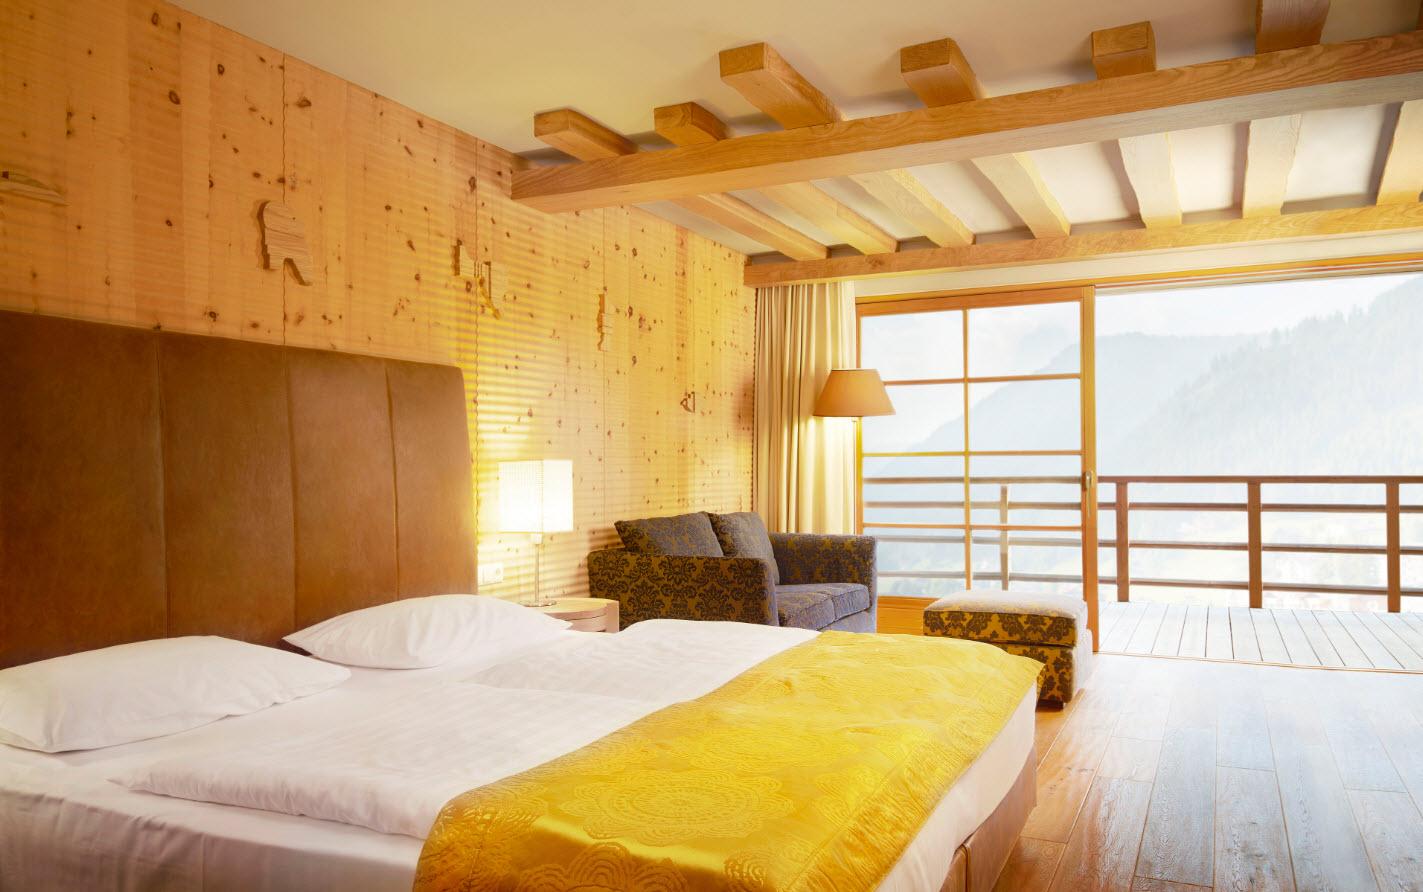 Adler Spa Resort Balance - Dormir - Dolomites (c) Adlersparesorts